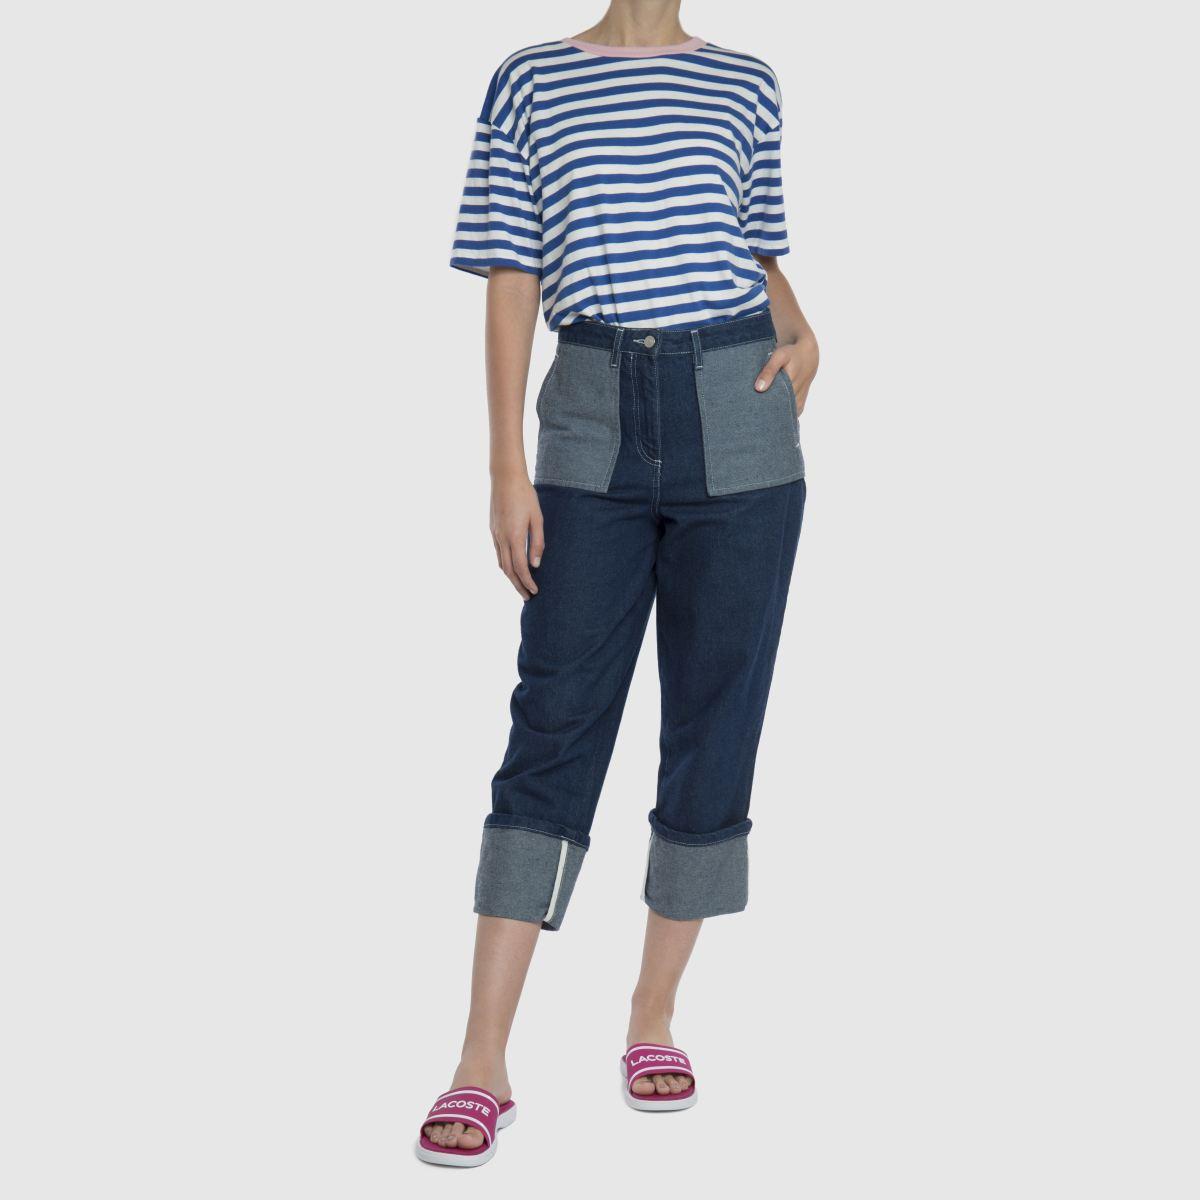 Damen schuh Pink lacoste L.30 Slide Sandalen | schuh Damen Gute Qualität beliebte Schuhe 059e17